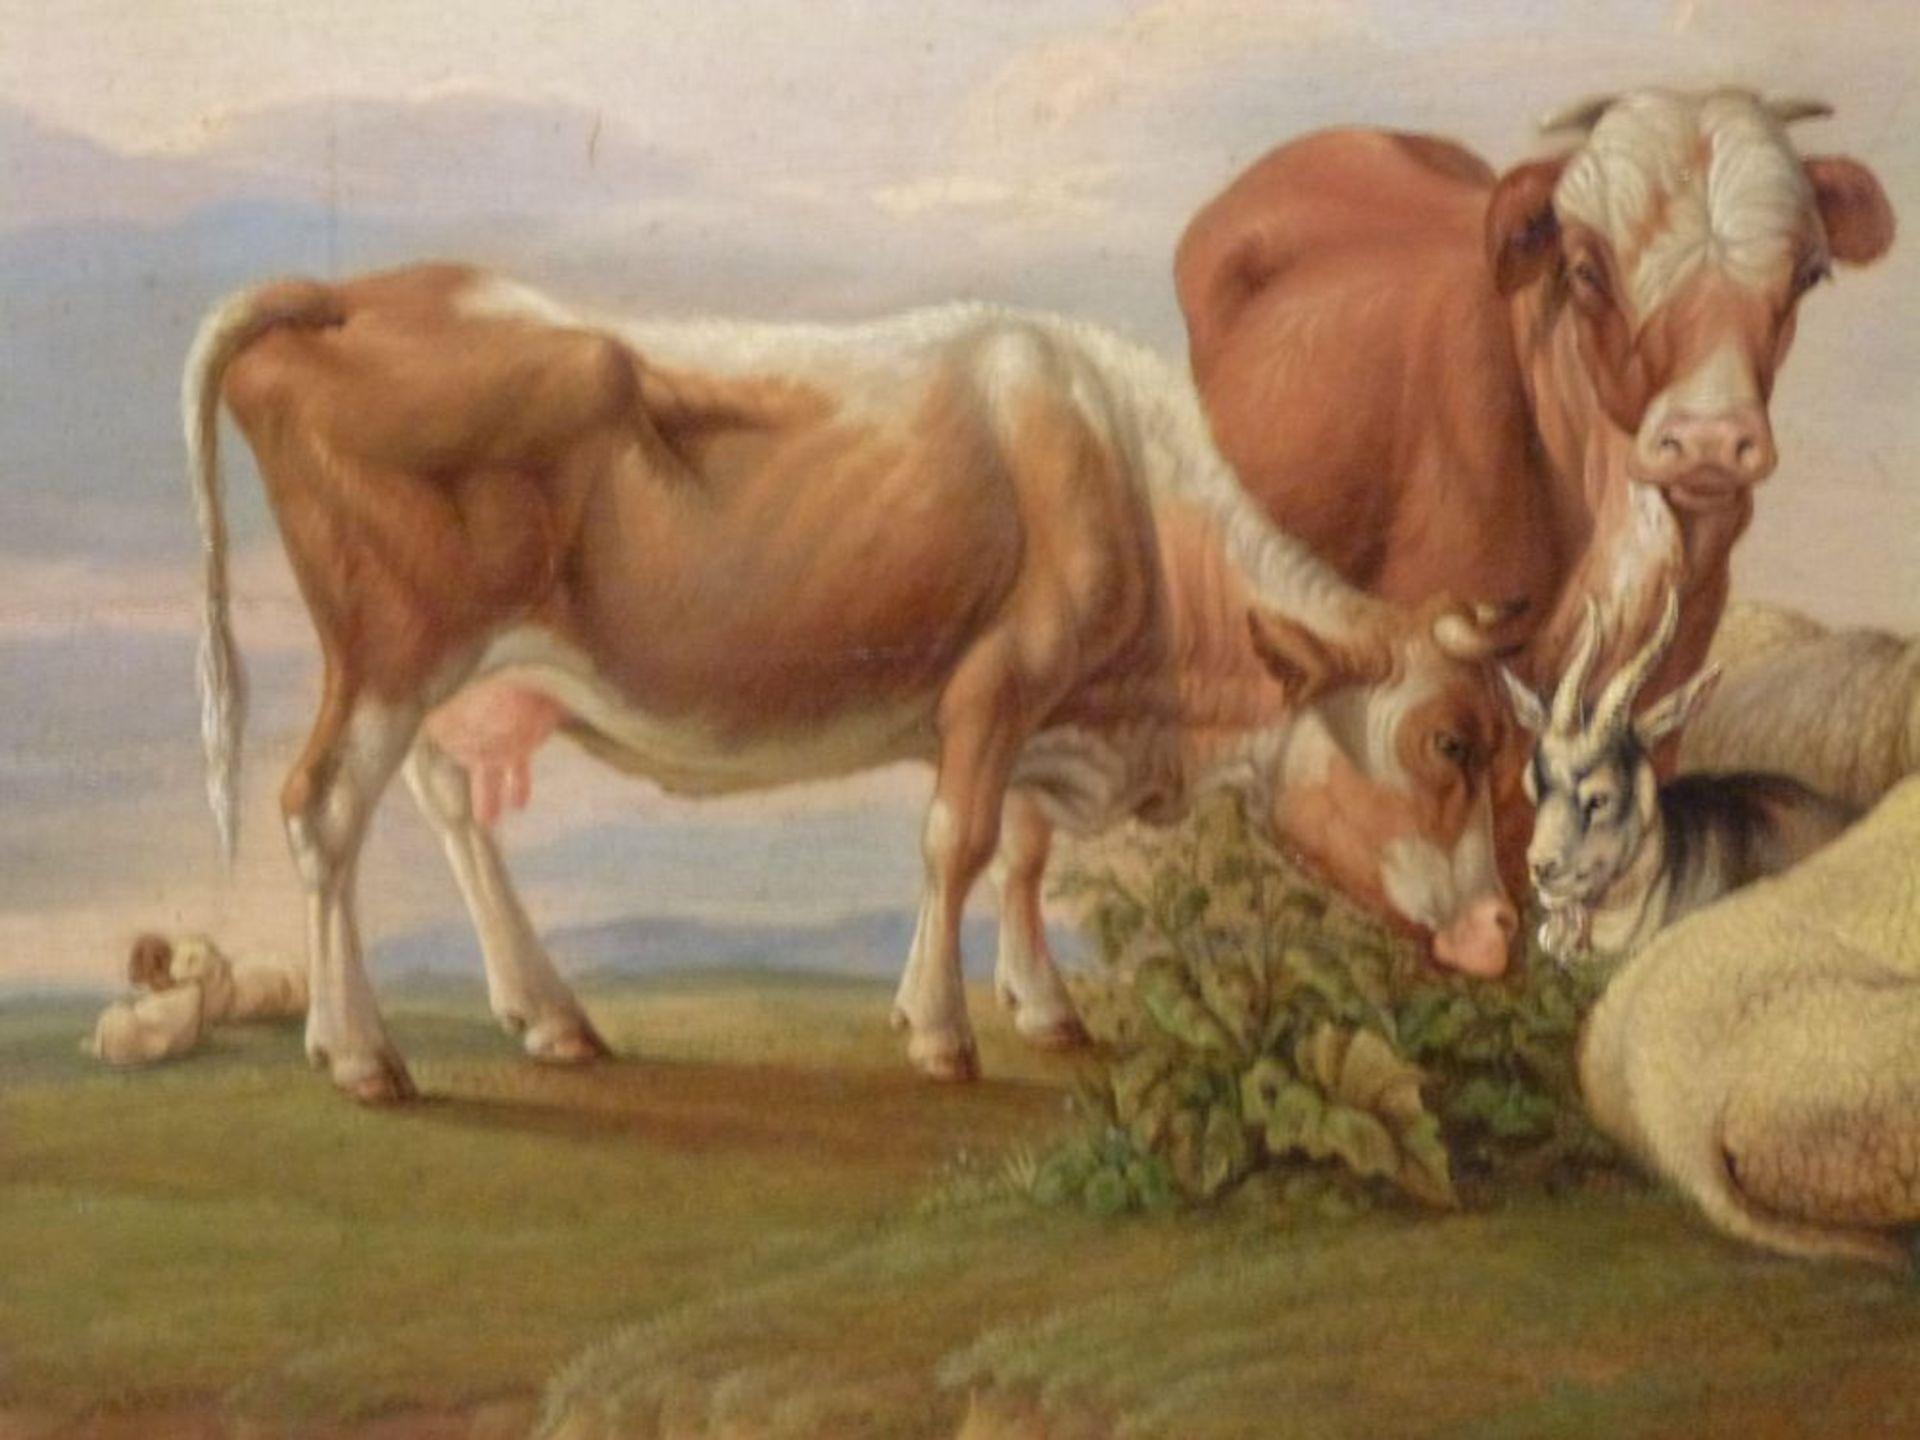 Auf der WeideGustav Jakob Canton, 1813-1885Öl/Eichenplatte, sign. G.Canton pinxit 1833, Kühe, Schafe - Bild 4 aus 7